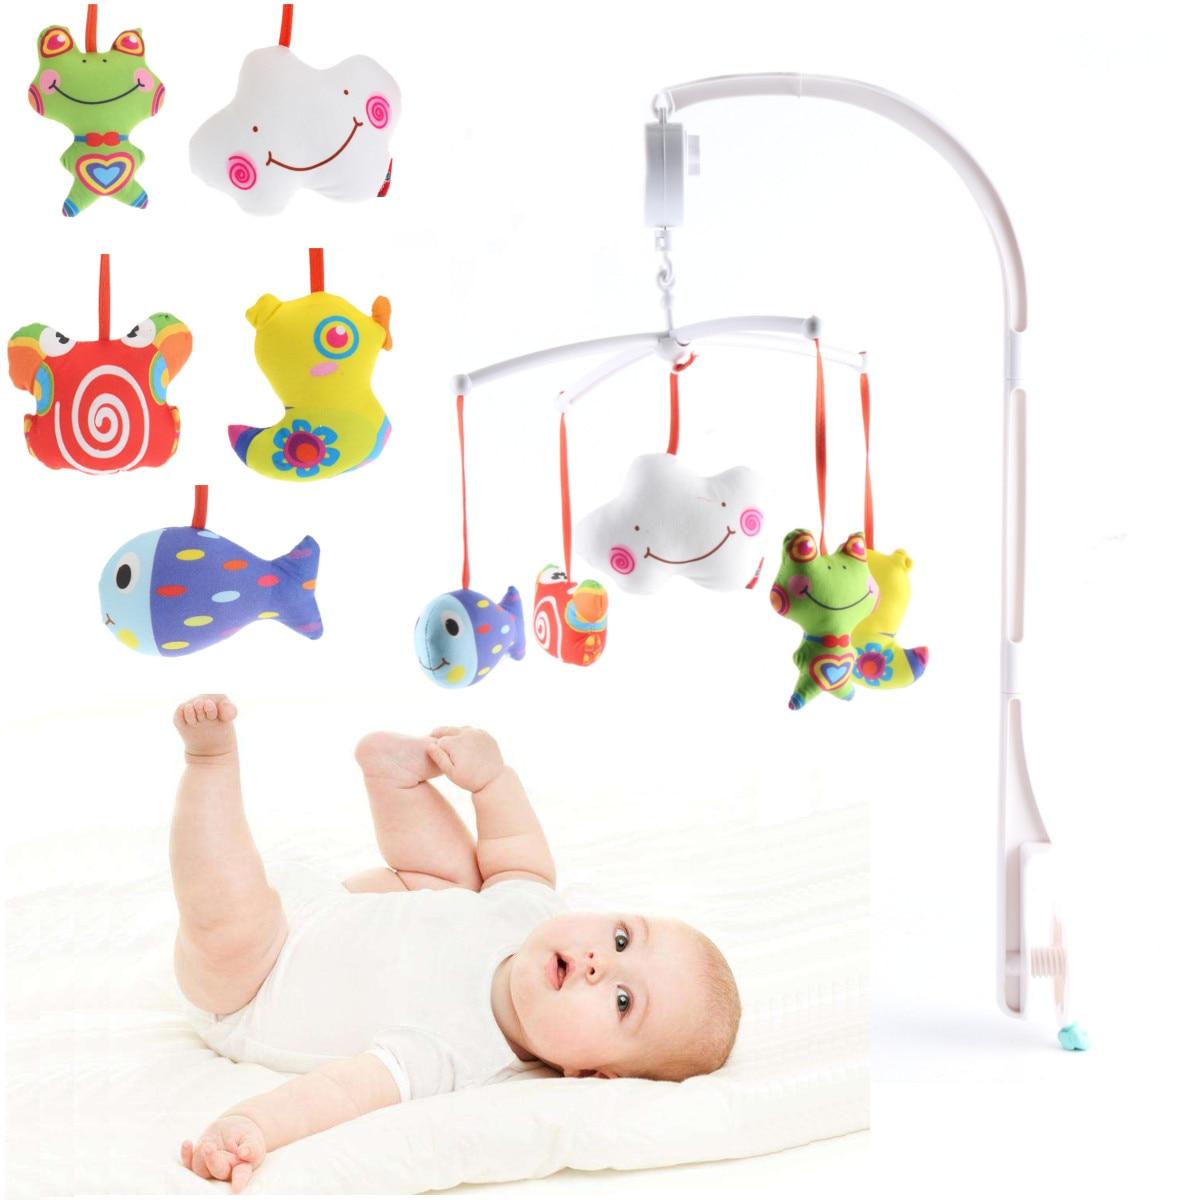 Bébé berceau hochet lit rotatif cloche pépinière musique Mobile boîte bébé titulaire liquidation jouets suspendus pour nouveau-né cloche berceau bébé jouets